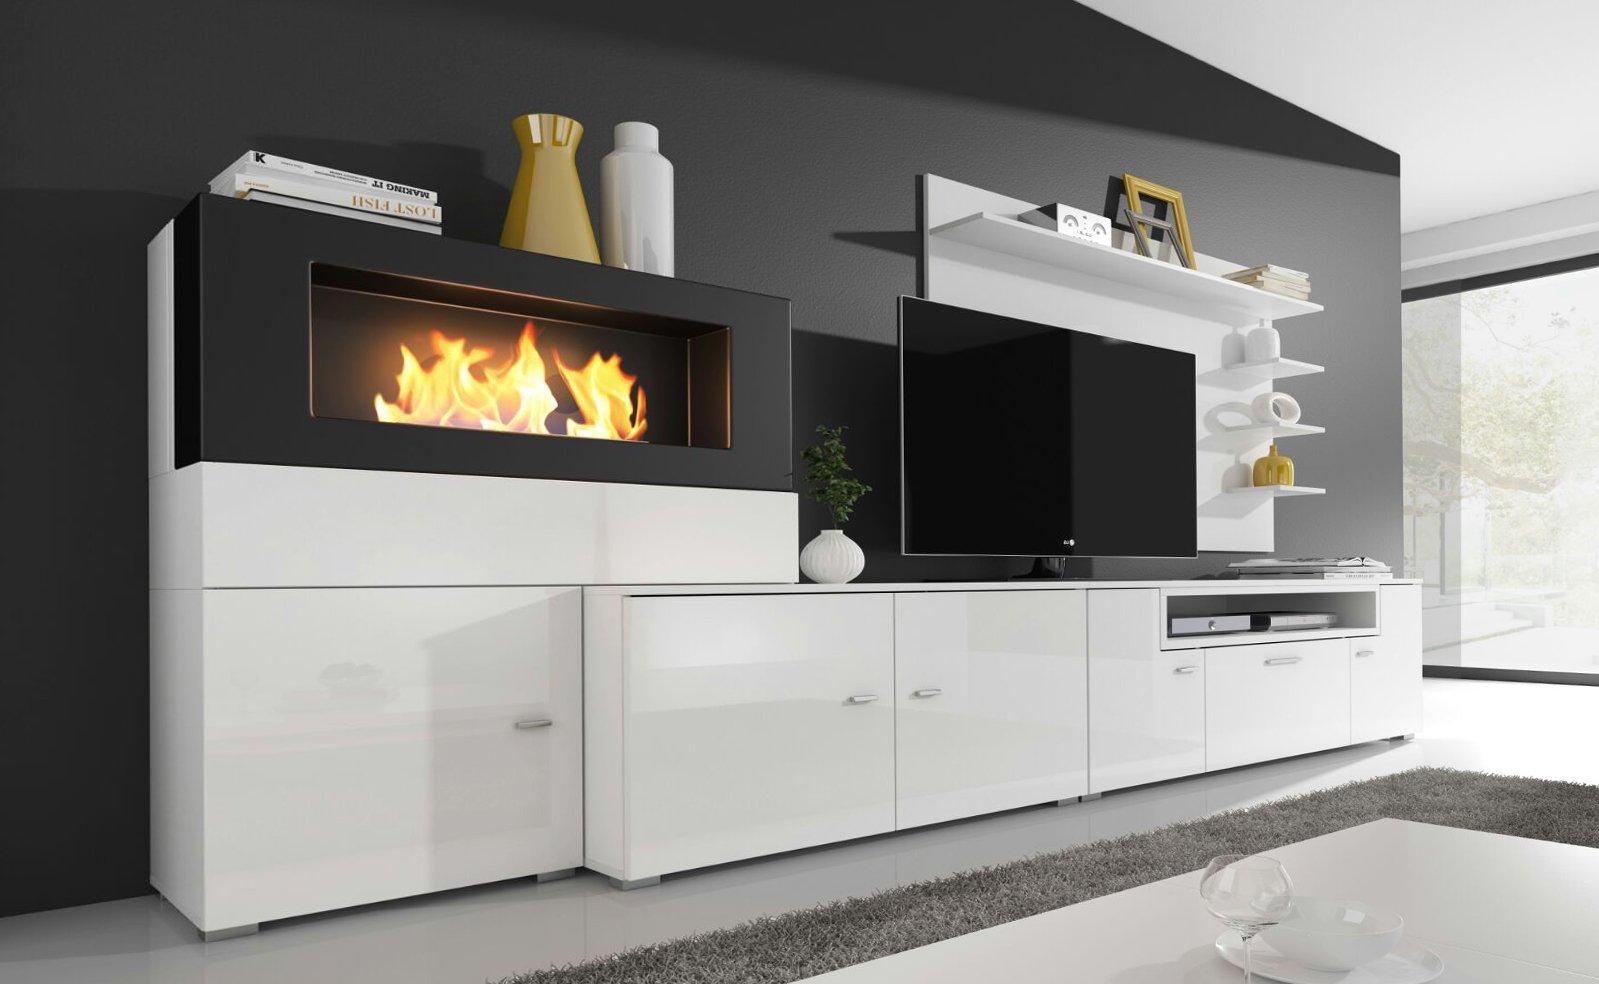 parete attrezzata moderna, colore bianco e nero con stufa bioetanolo incorporata.